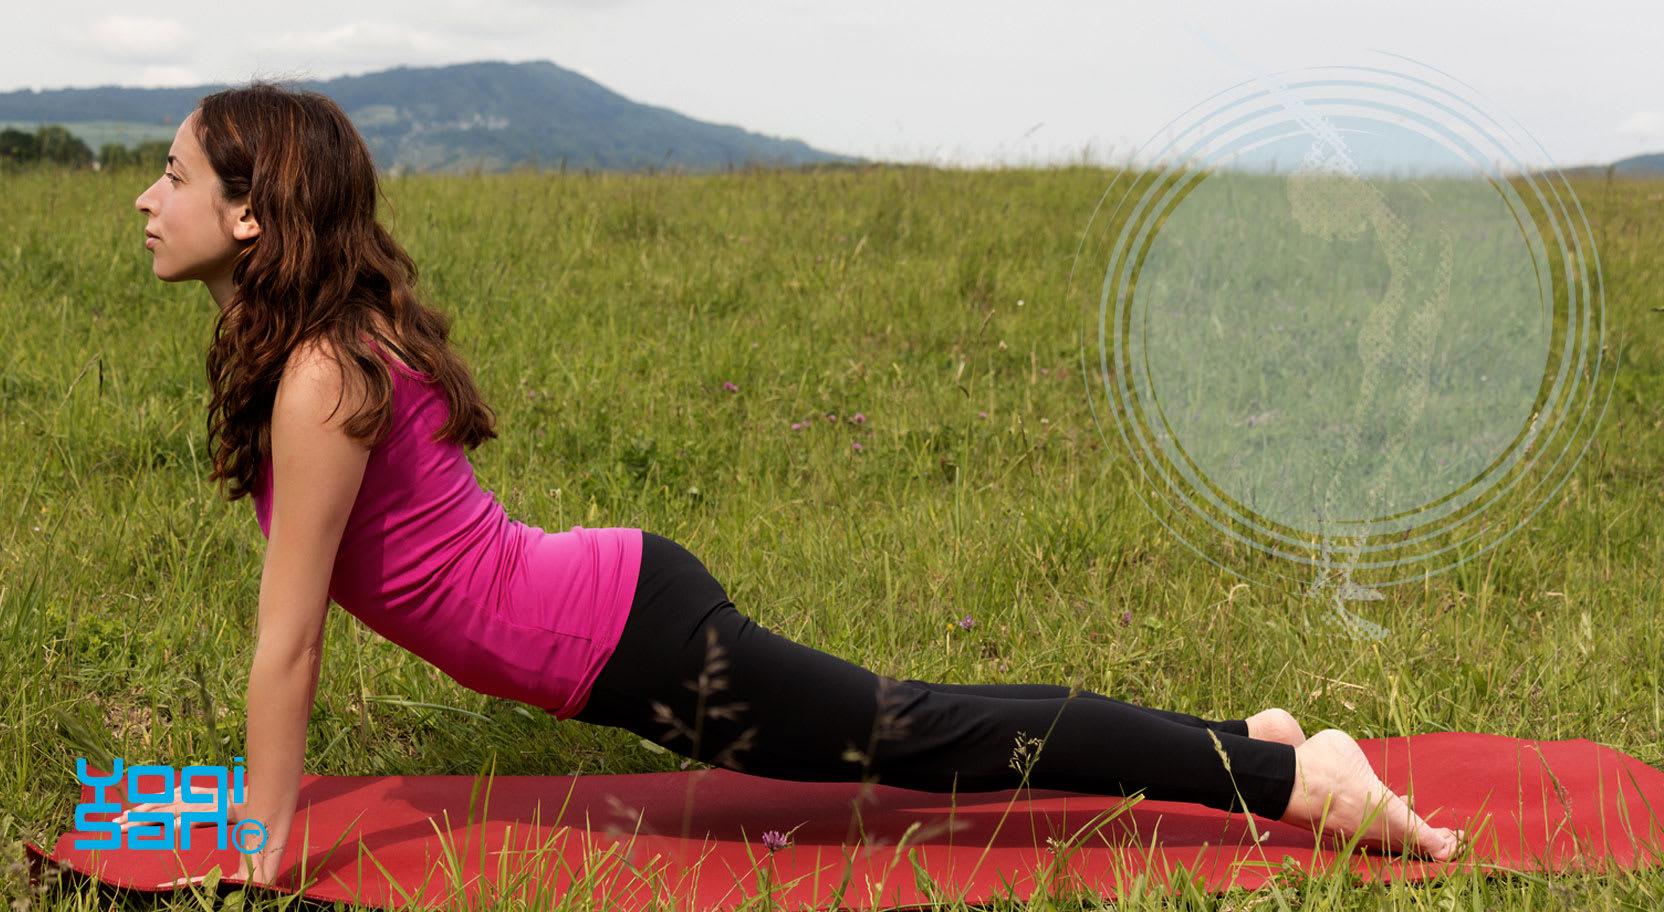 Deze houding opent en werkt verjongend, vooral op de ruggenwervel. (gratis minicursus yoga/yoga-handleiding)